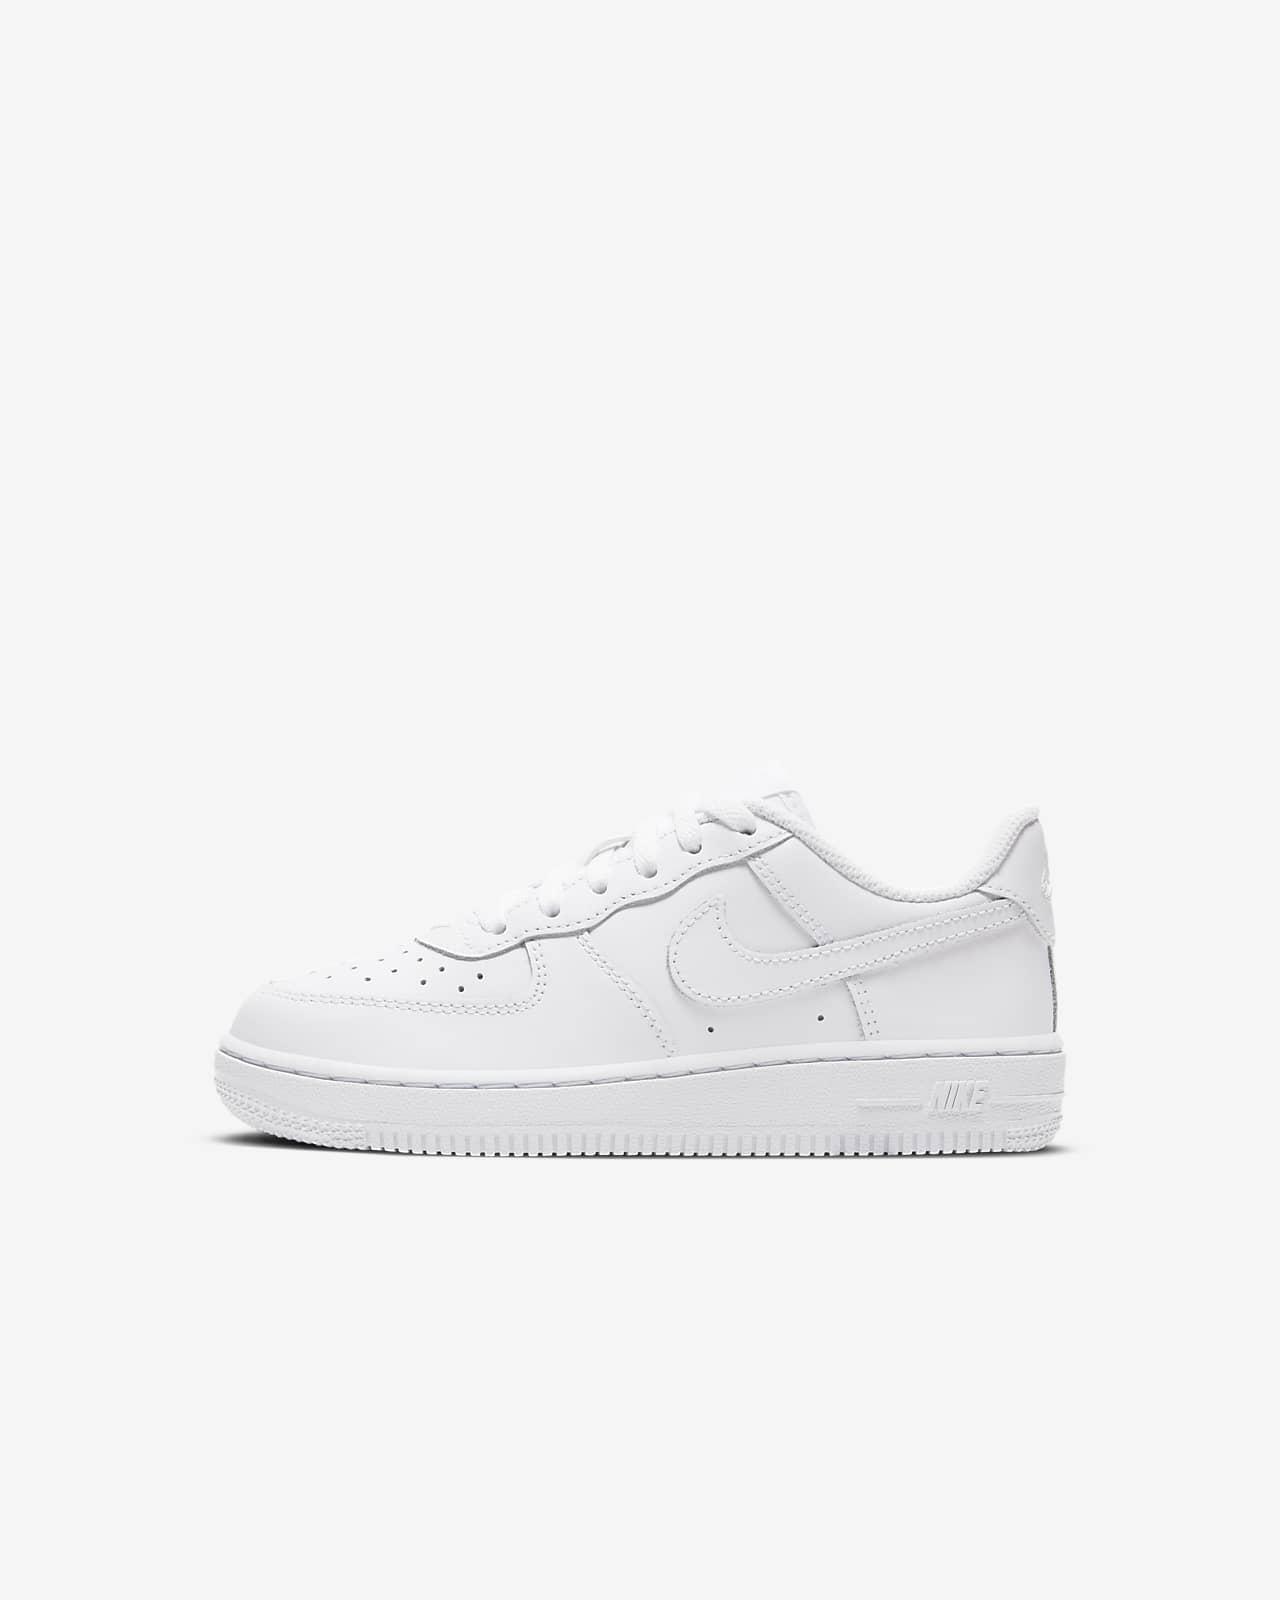 Παπούτσι Nike Force 1 LE για μικρά παιδιά